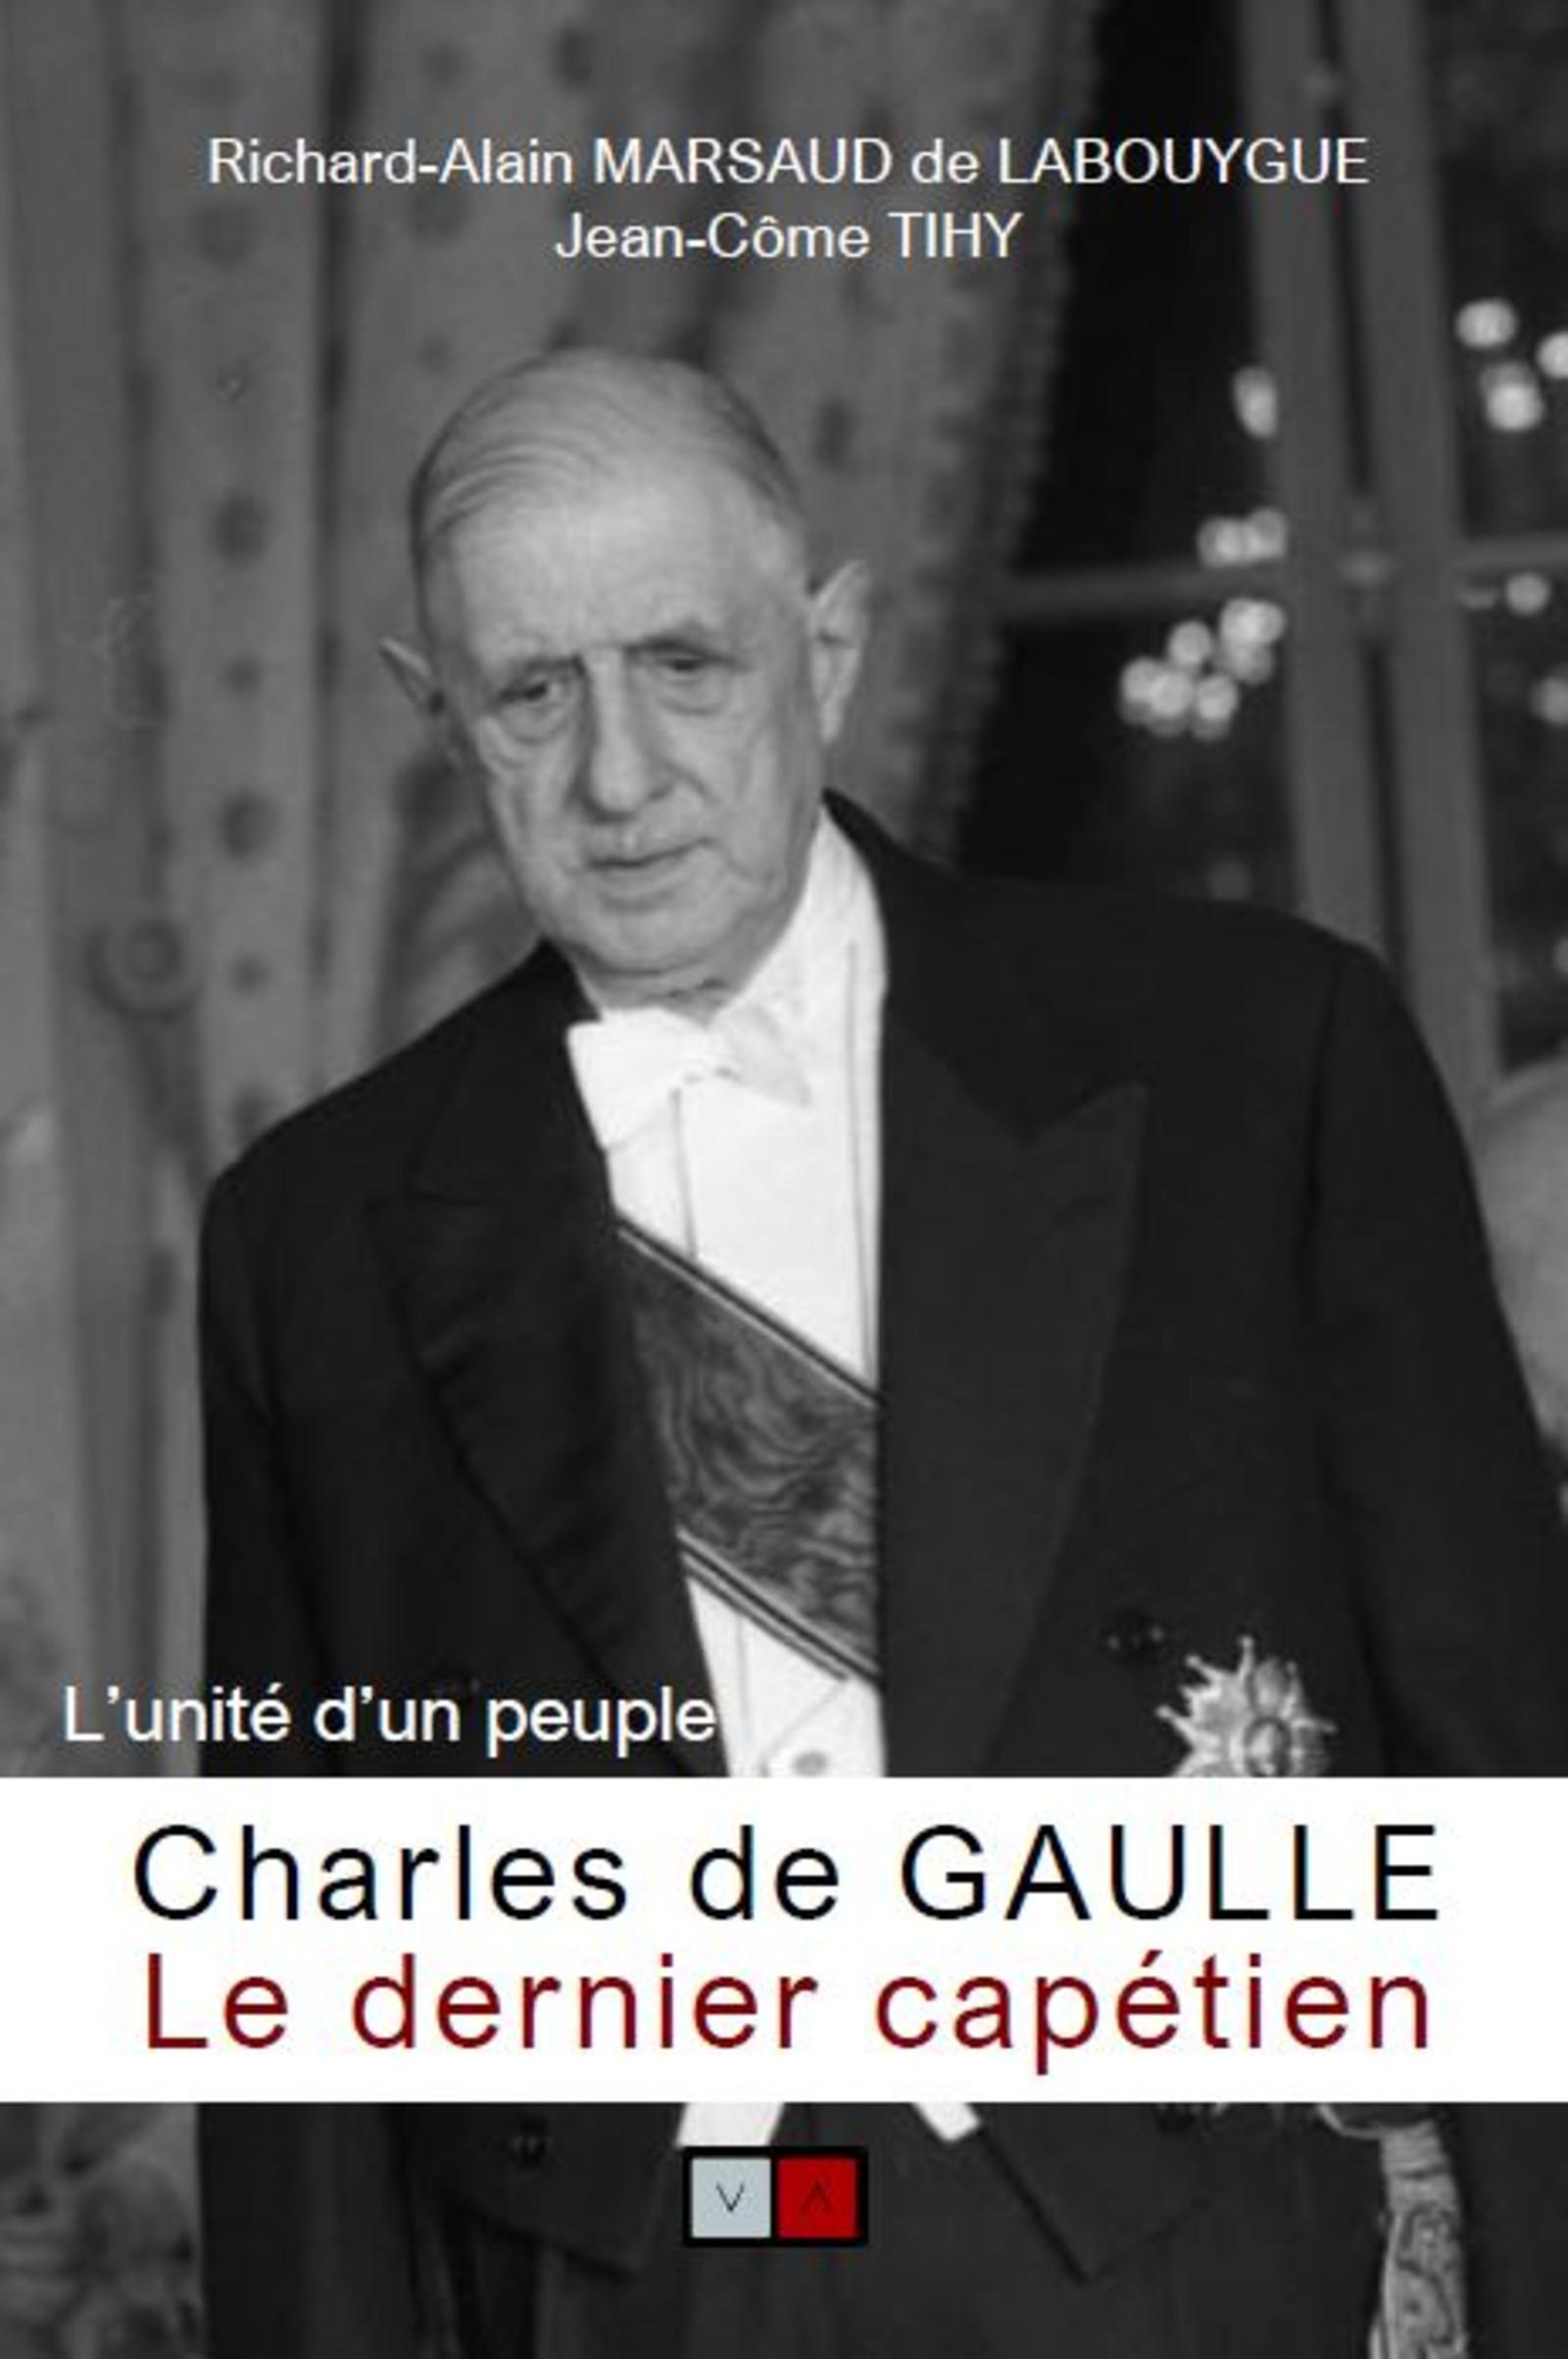 CHARLES DE GAULLE, LE DERNIER CAPETIEN - L'UNITE D'UN PEUPLE